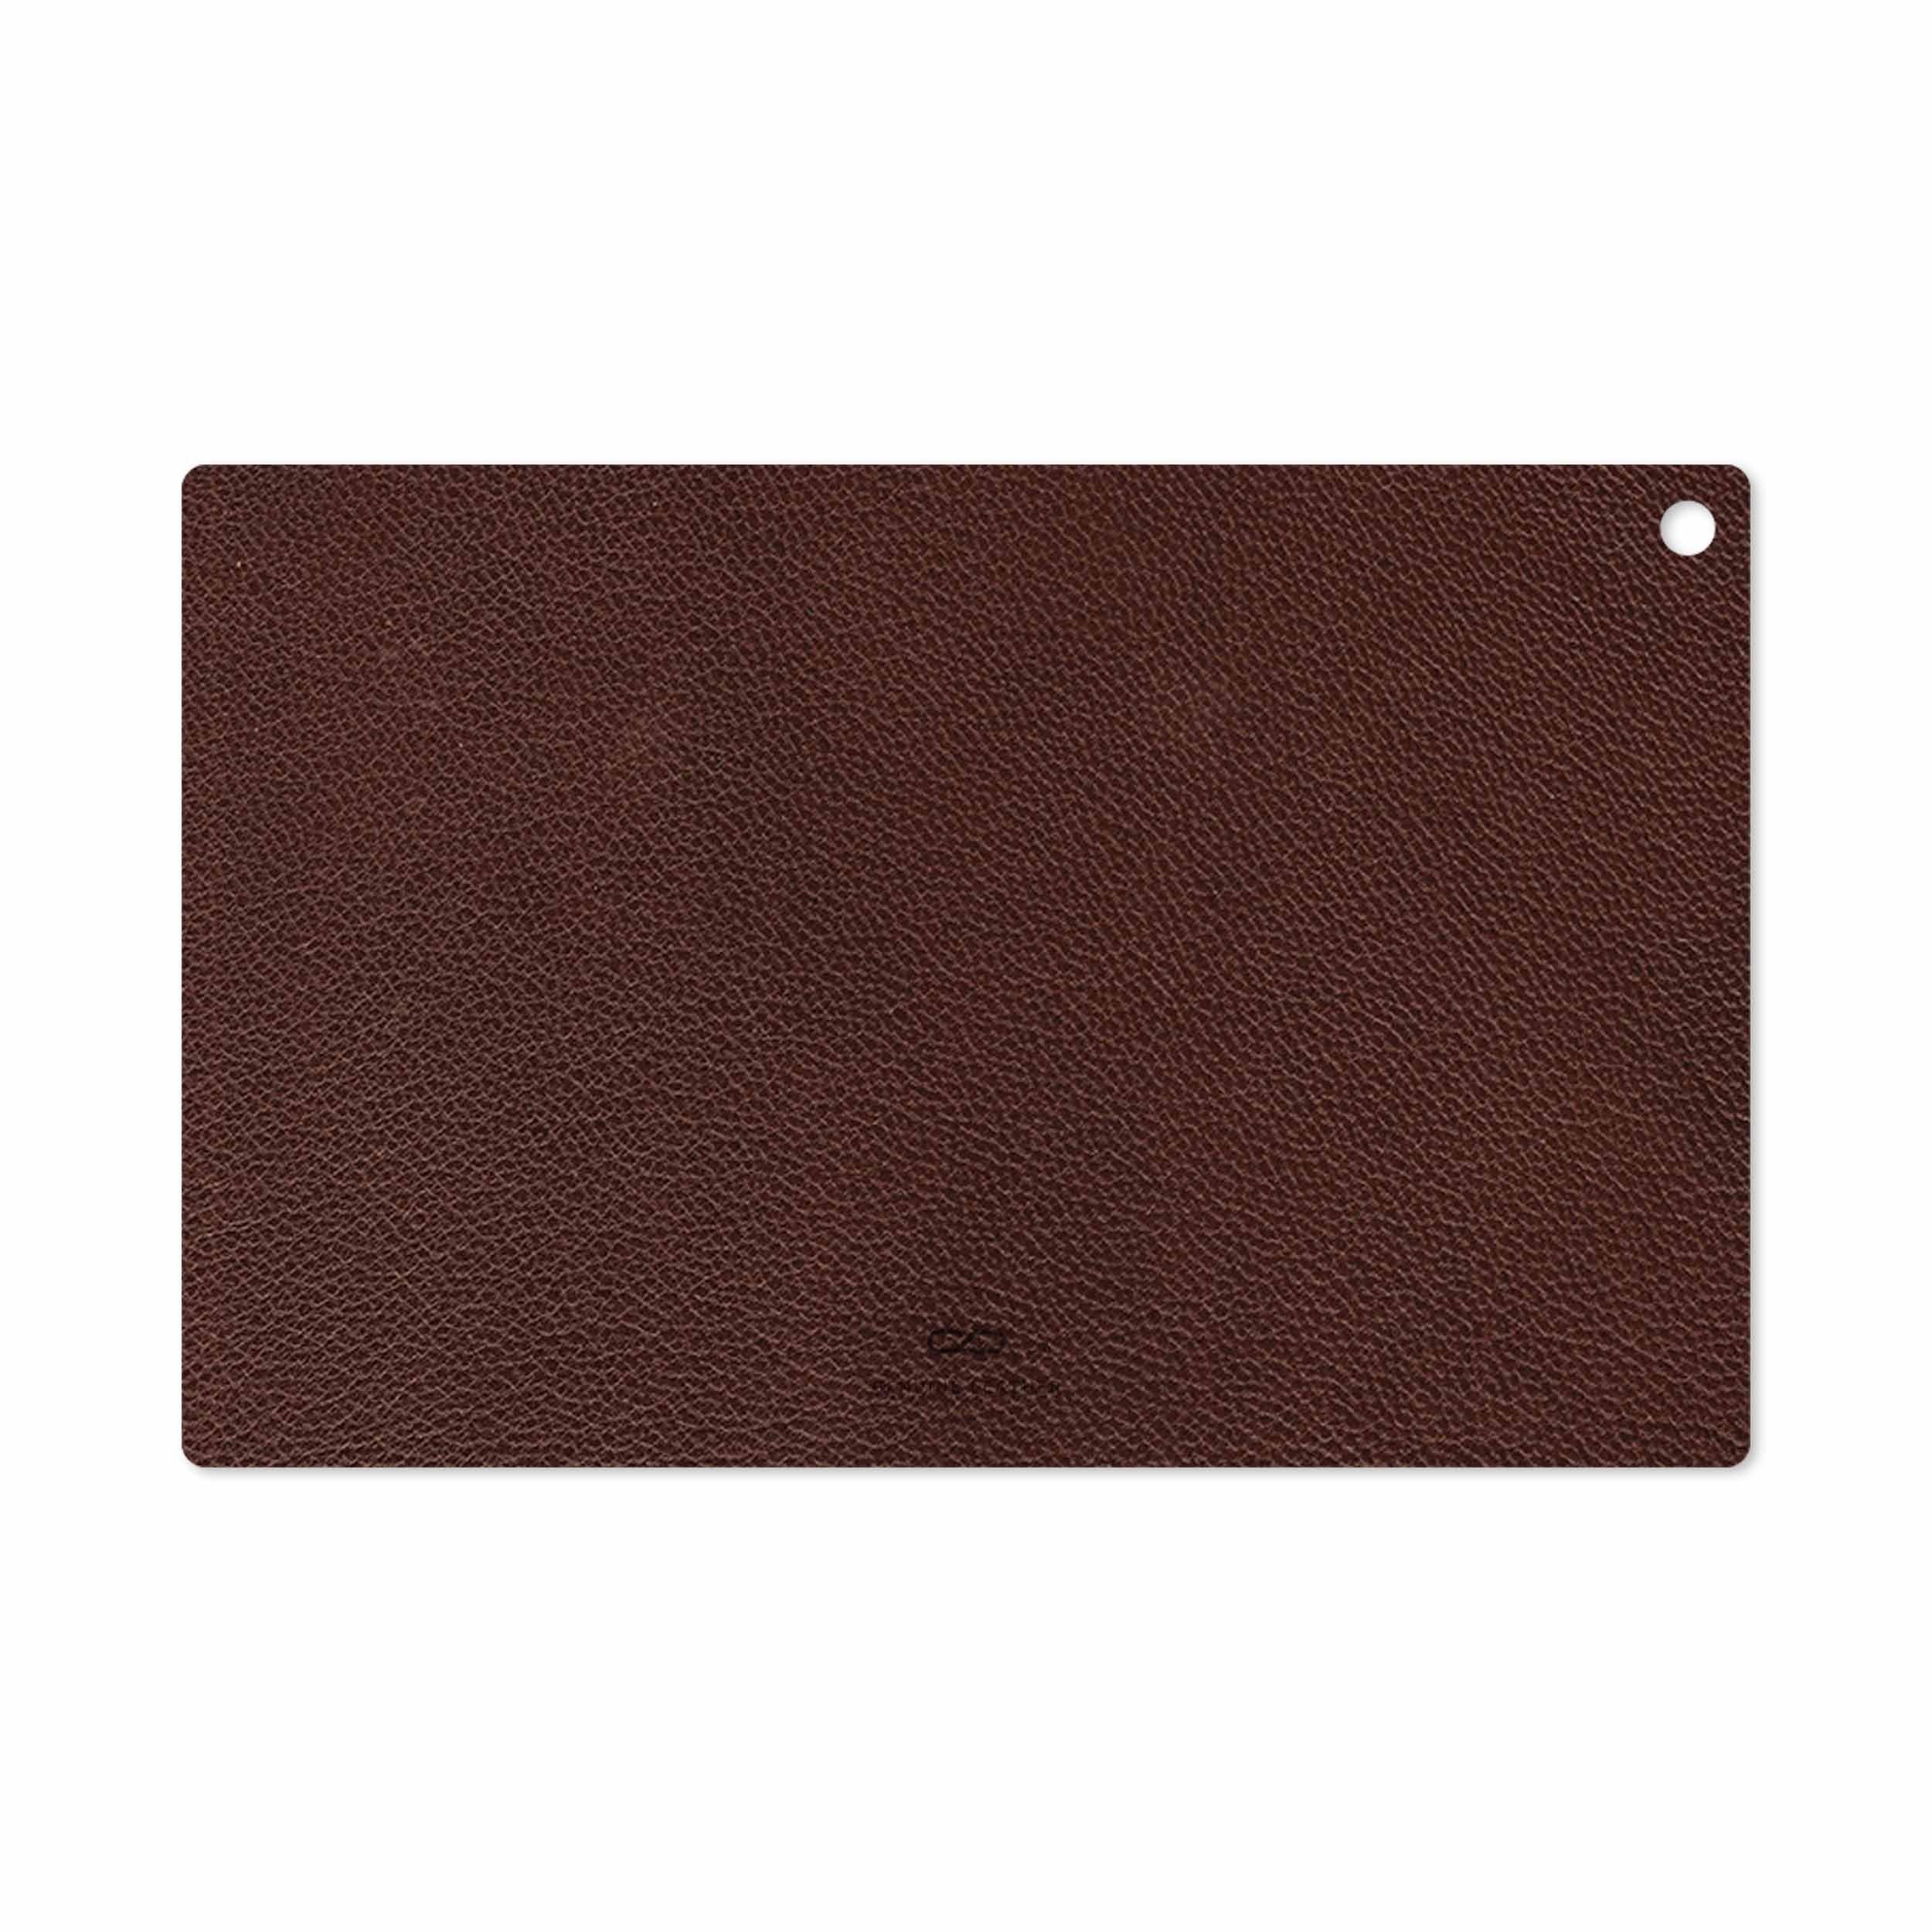 بررسی و خرید [با تخفیف]                                     برچسب پوششی ماهوت مدل Natural-Leather مناسب برای تبلت سونی Xperia Z2 Tablet LTE 2014                             اورجینال